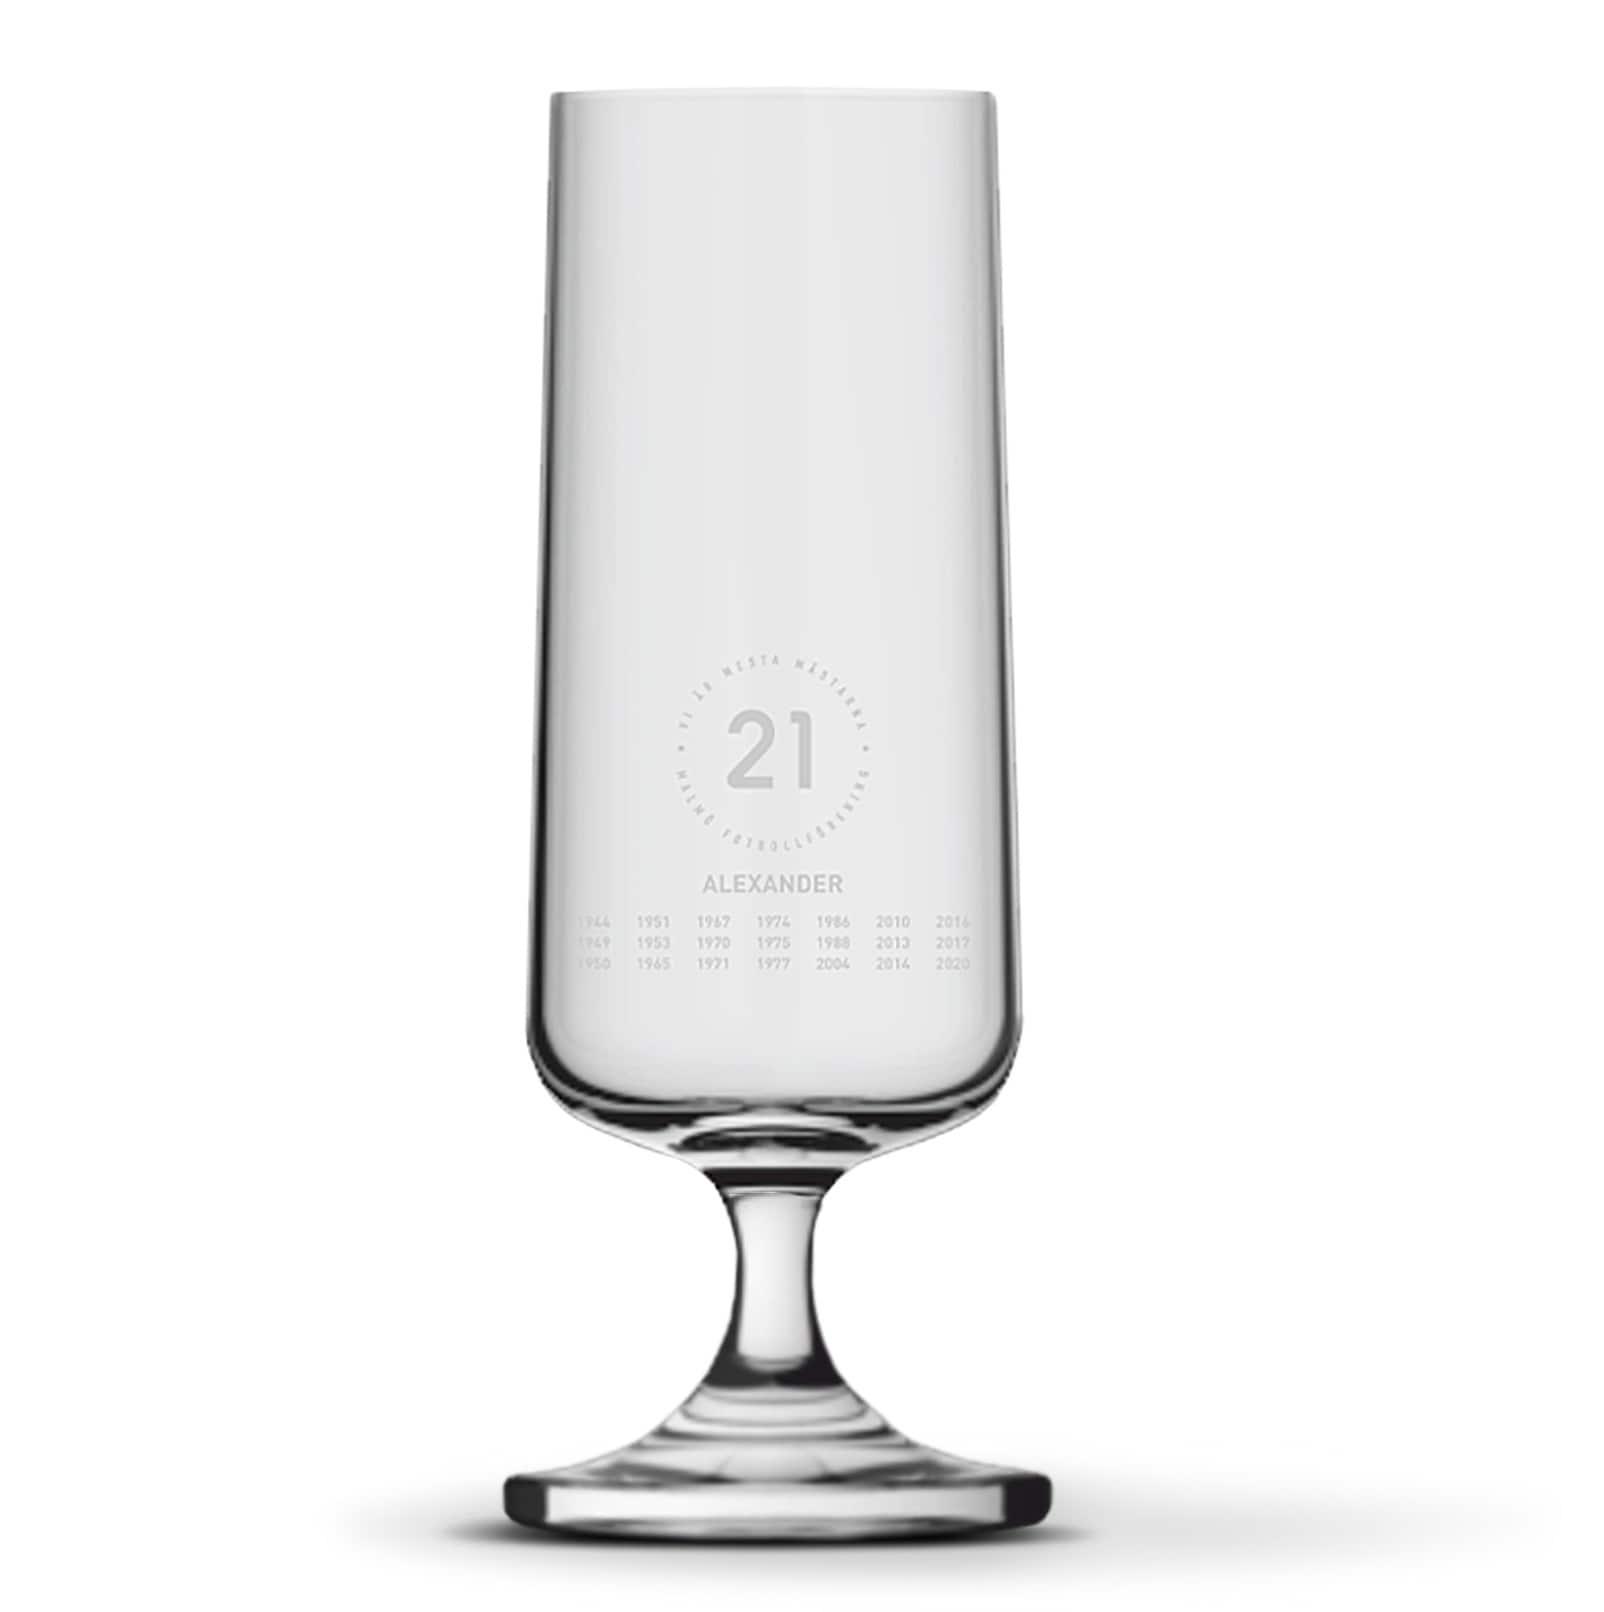 Ölglas 21 på fot eget namn